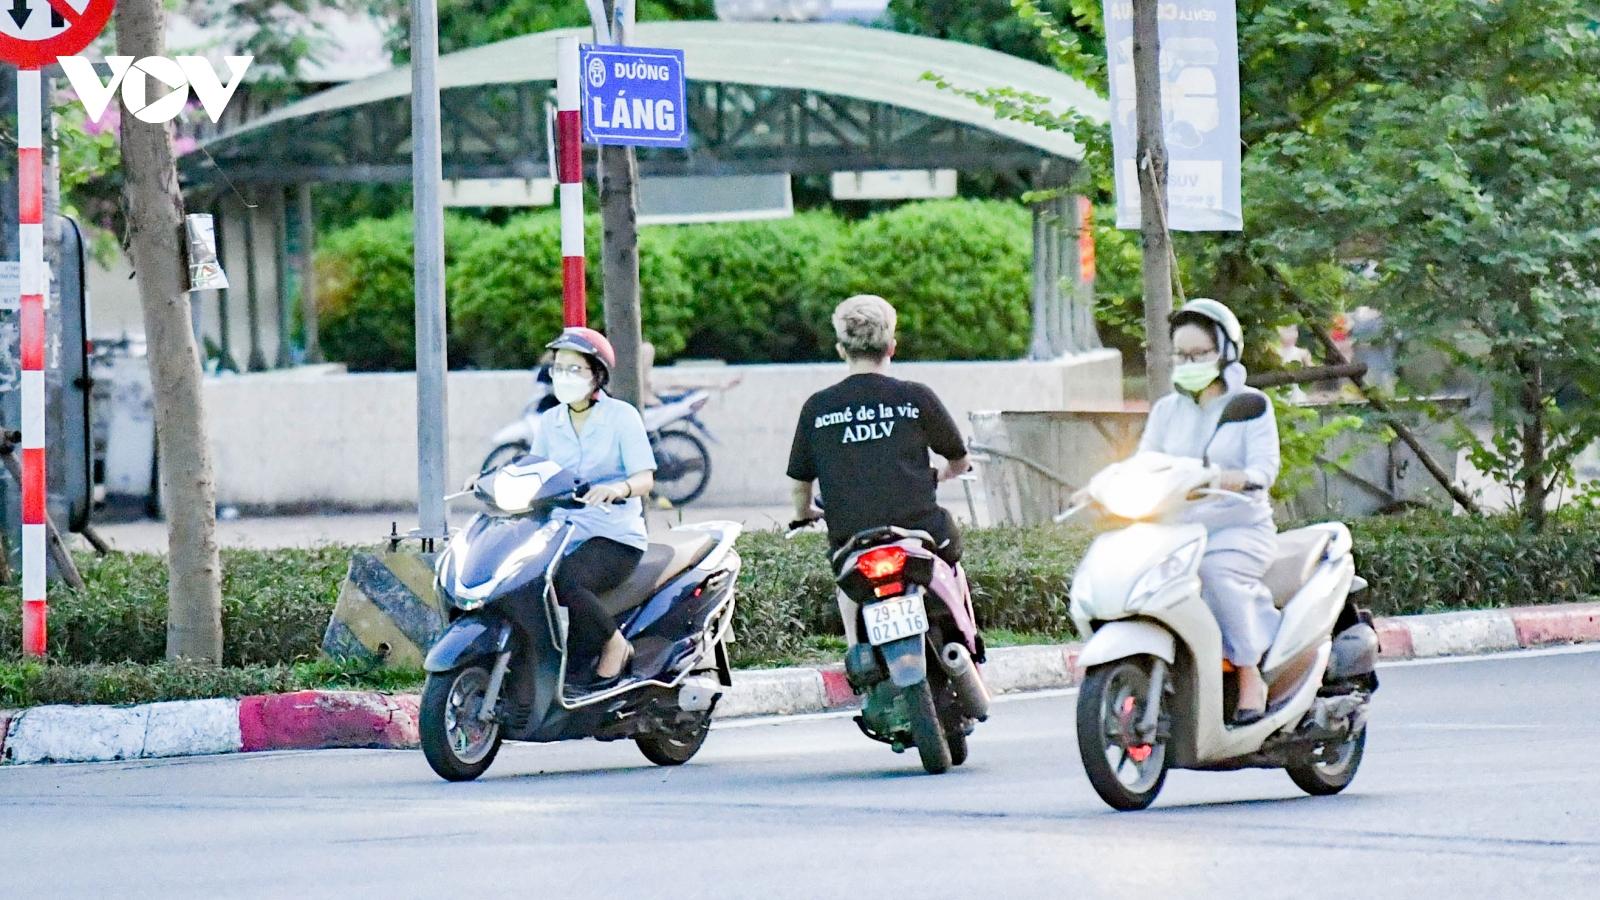 Đường vắng do giãn cách, nhiều người Hà Nội vượt đèn đỏ, đi lại vô ý thức